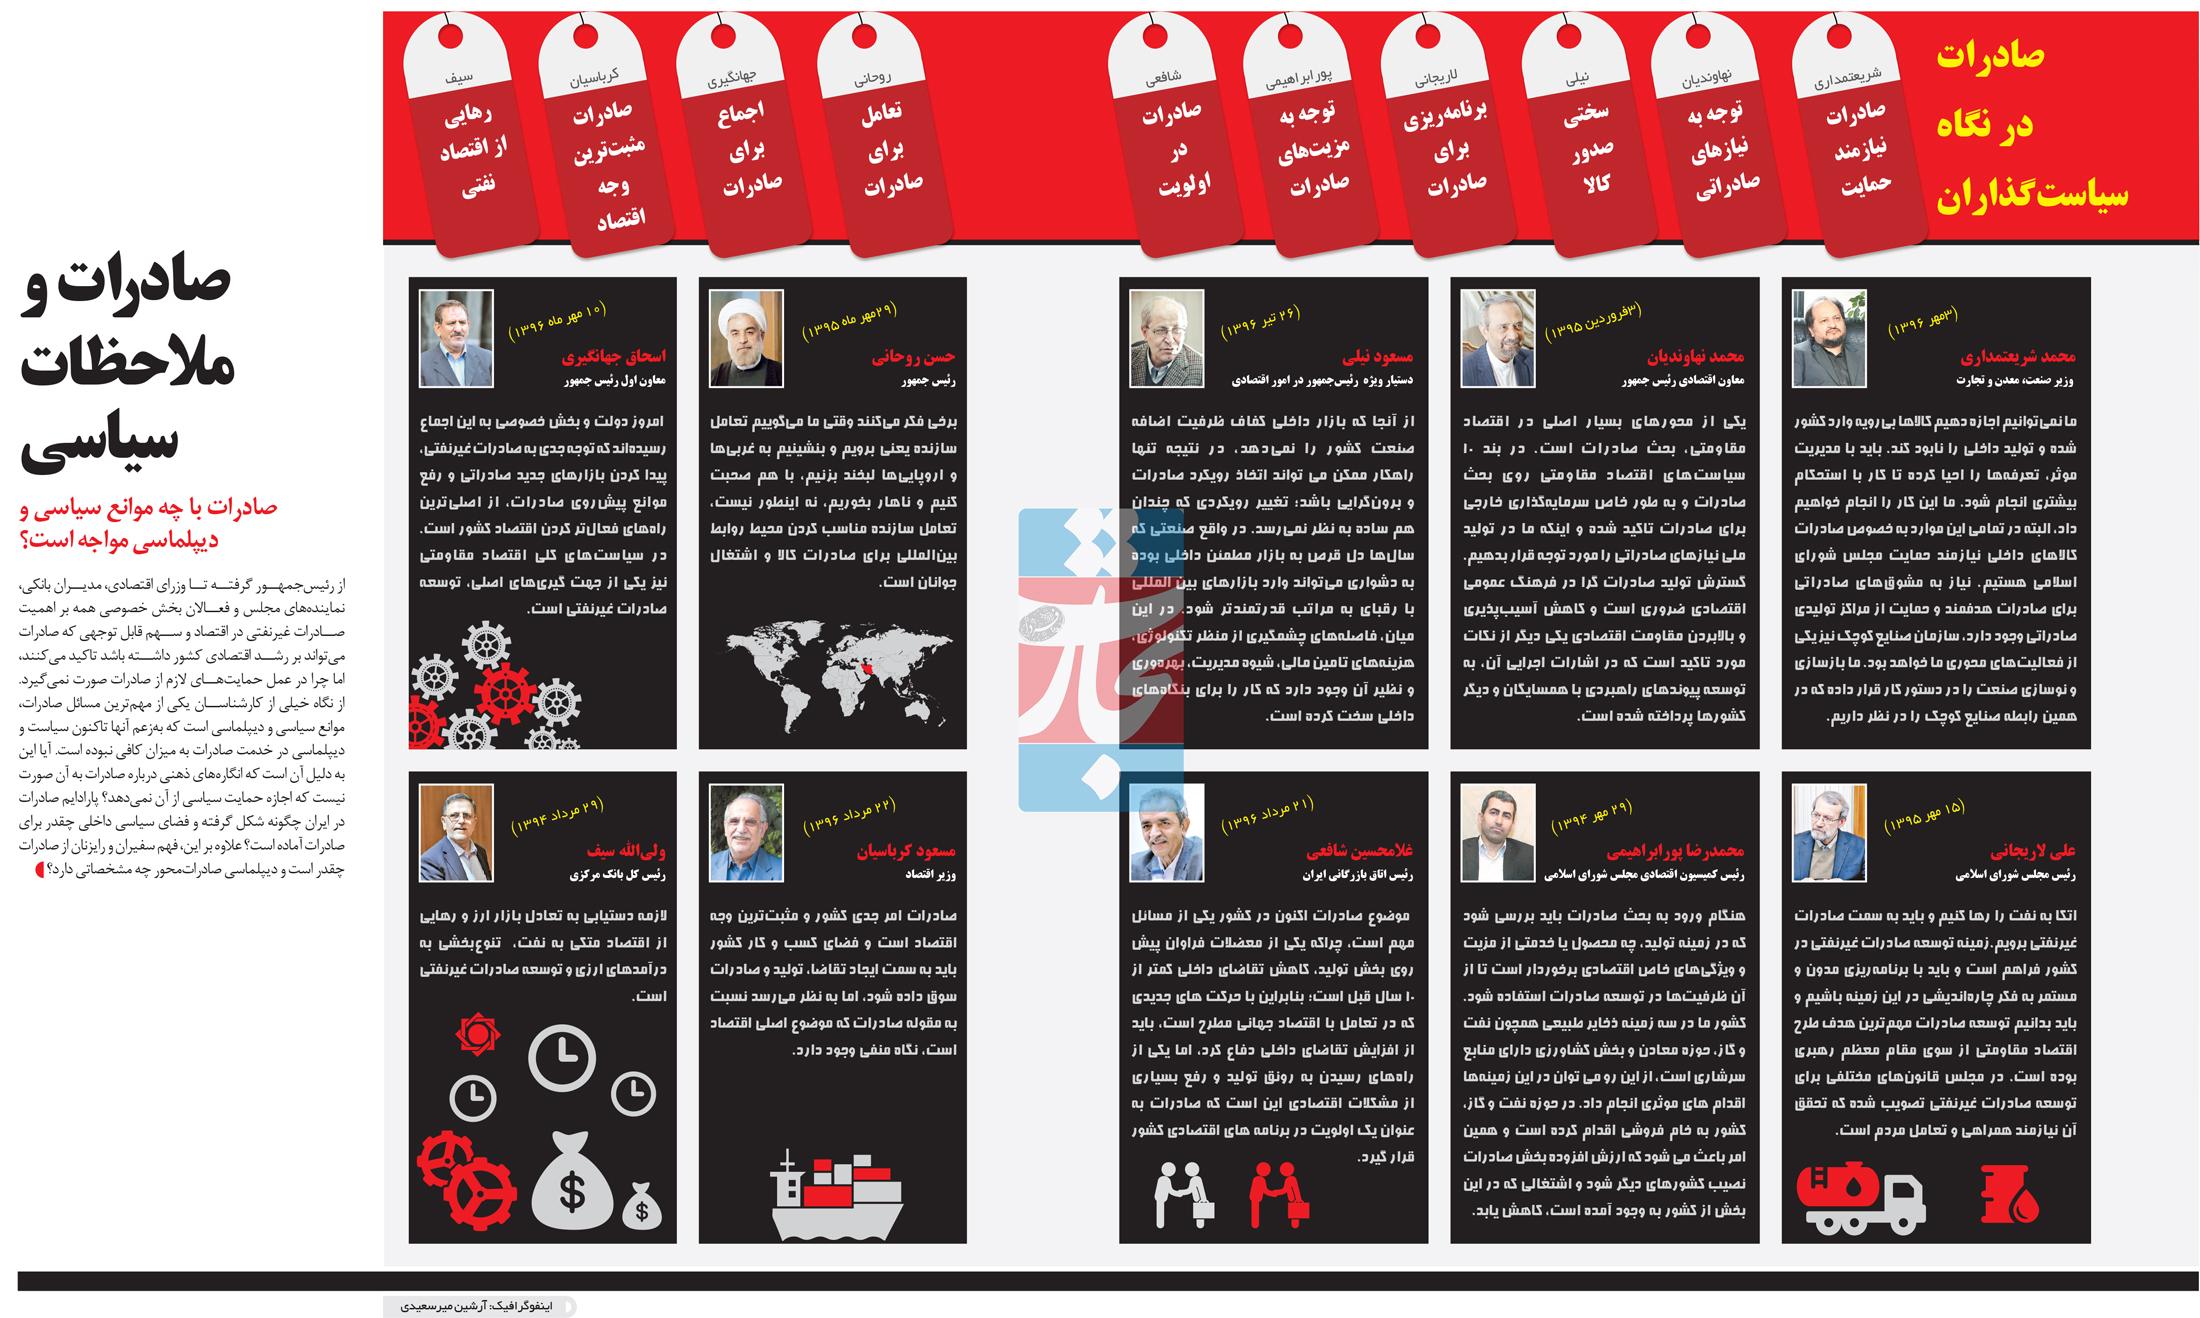 تجارت فردا- اینفوگرافیک- صادرات و ملاحظات سیاسی